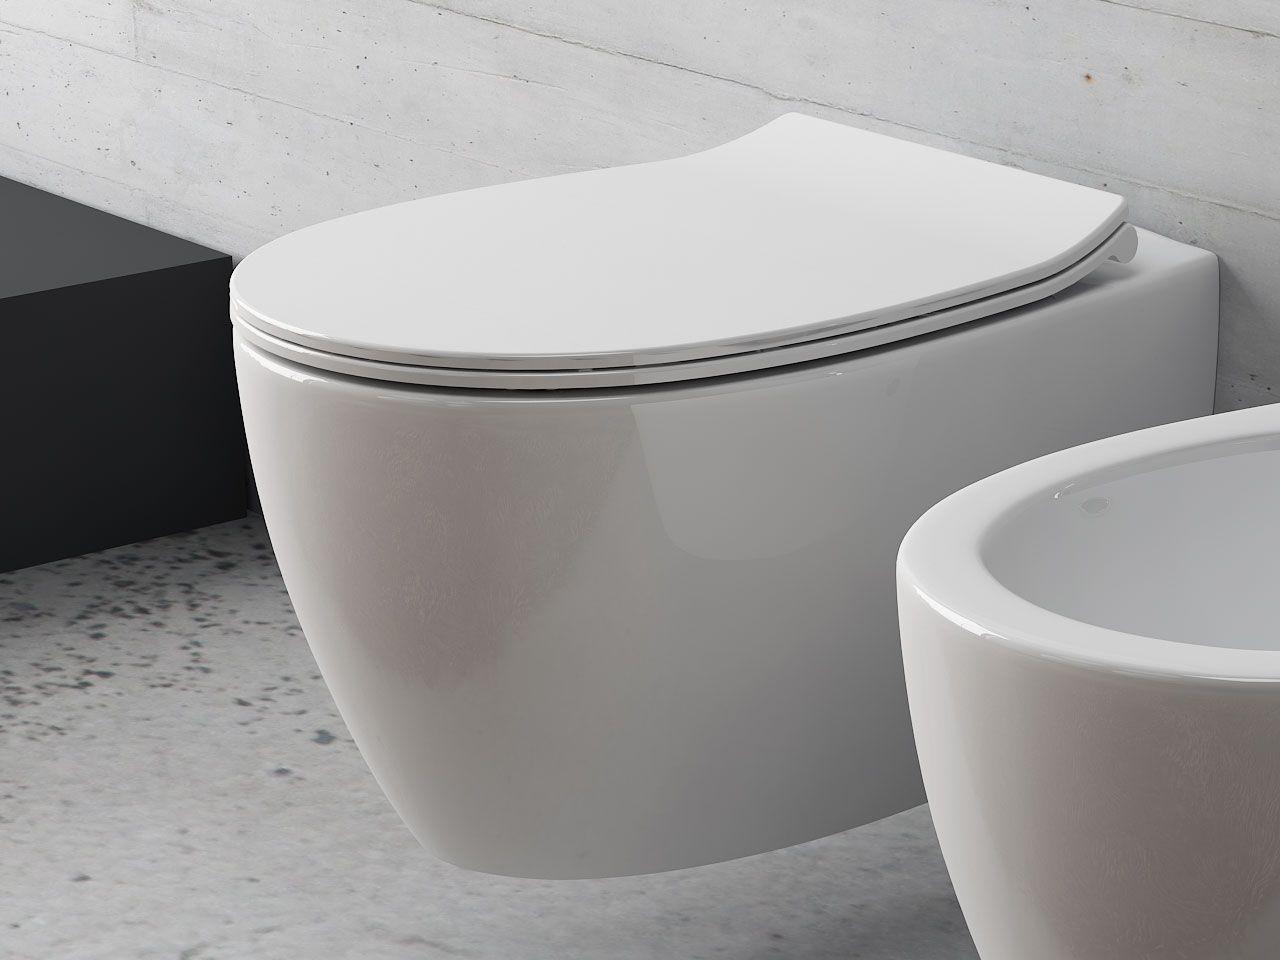 Ideal bagno ~ Best sanitari bagno sospesi images